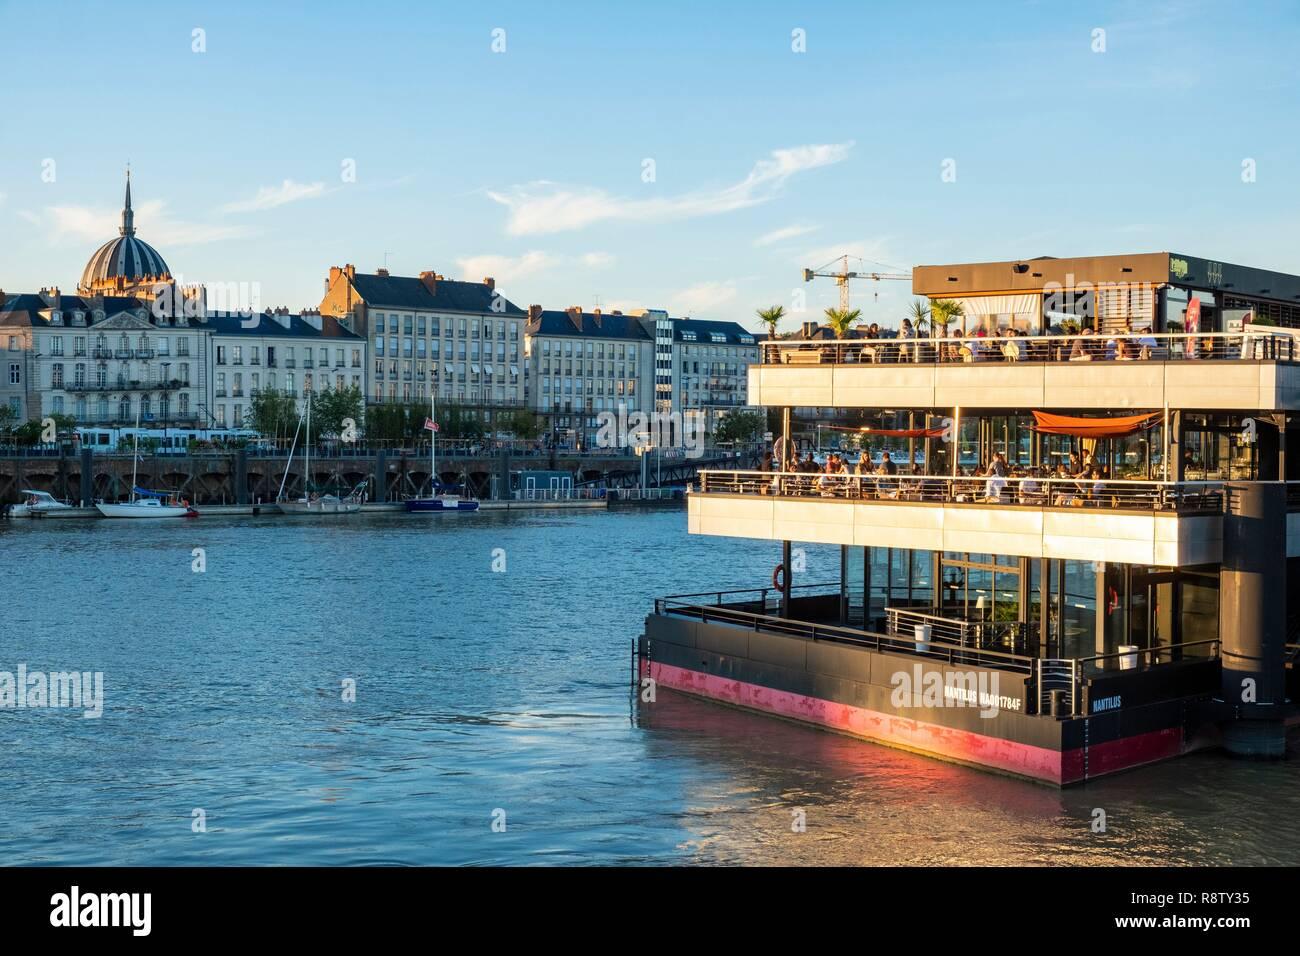 France, Loire Atlantique, Nantes, Ile de Nantes, O'Deck barge